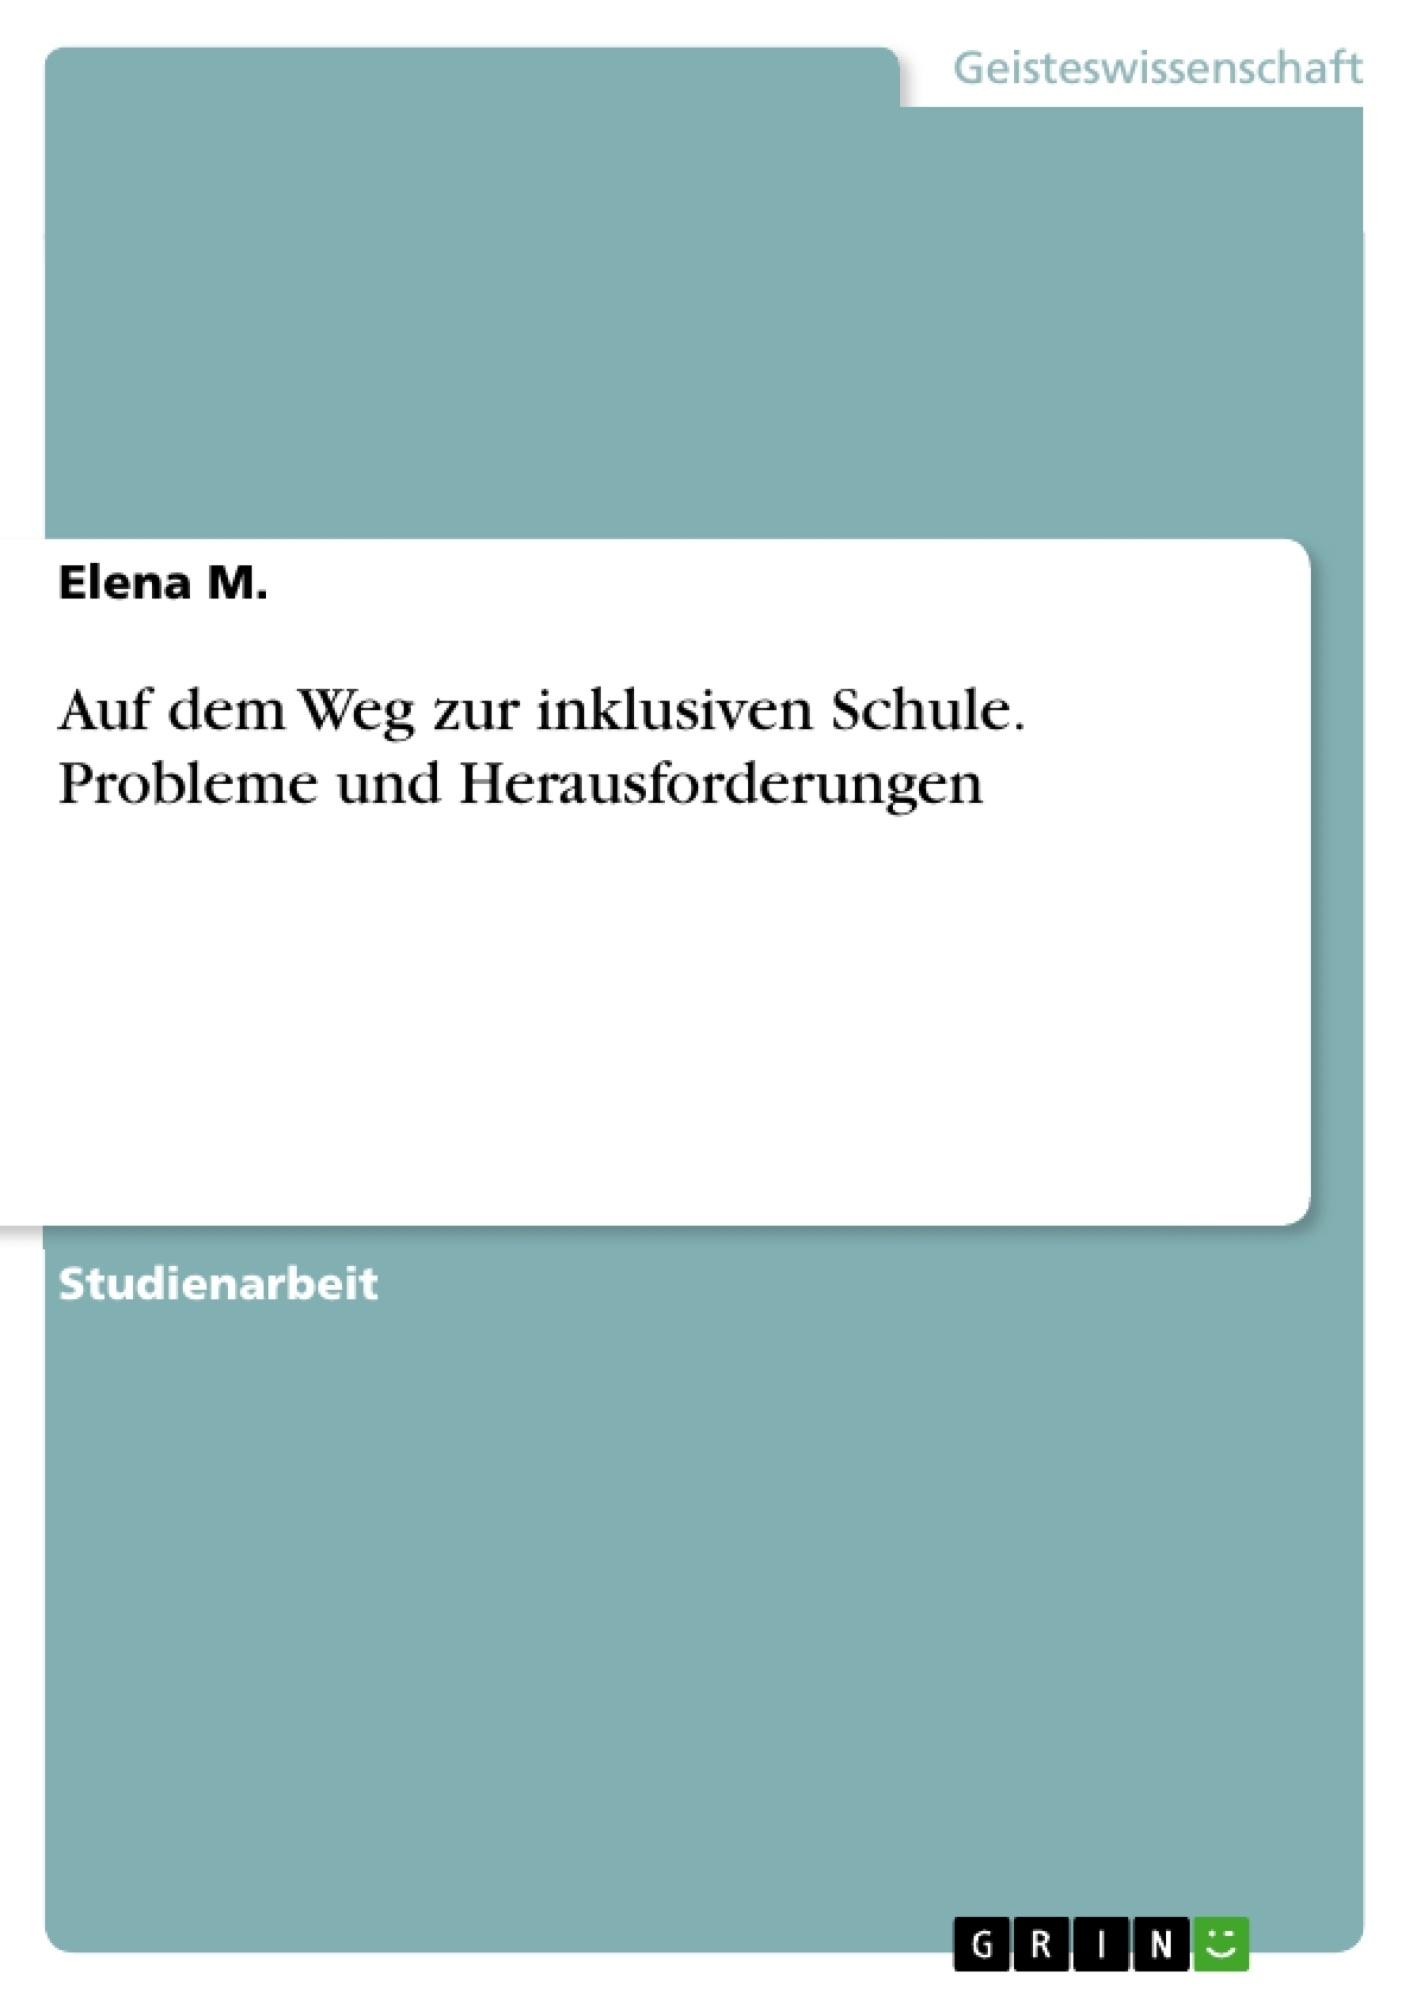 Titel: Auf dem Weg zur inklusiven Schule. Probleme und Herausforderungen